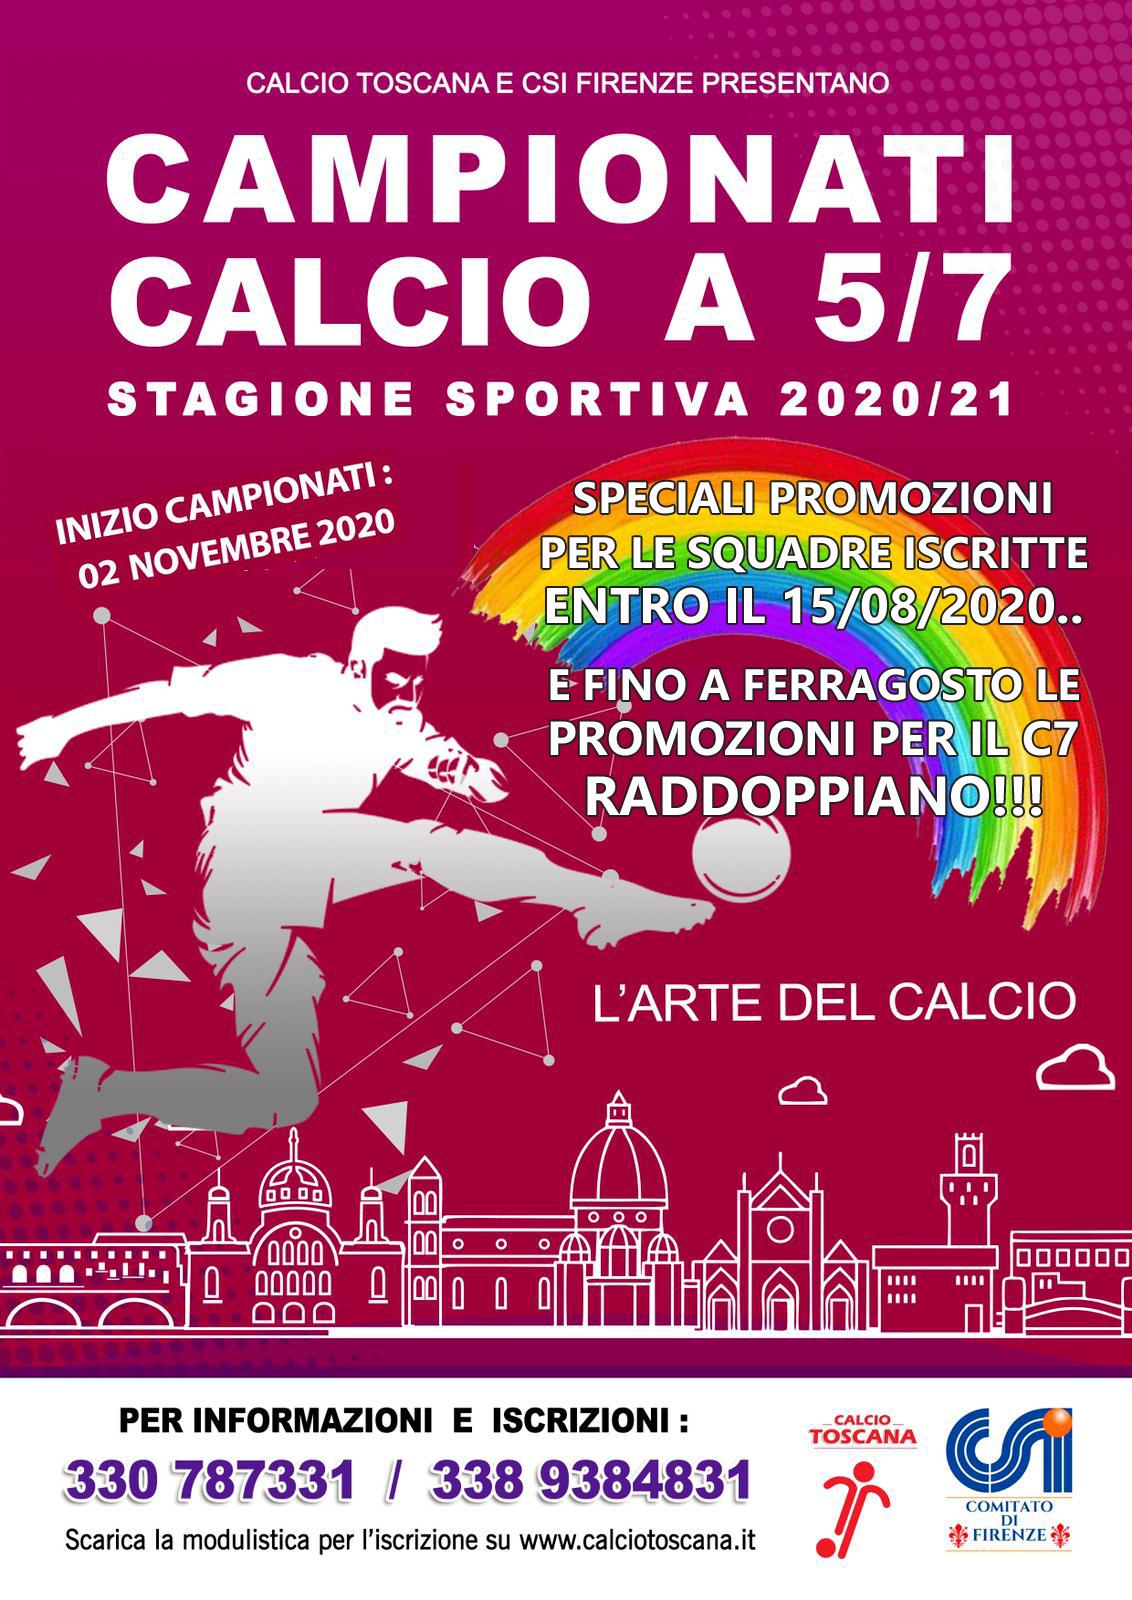 VOLANTINO-CAMPIONATI-2020-21-PROMOZIONE-15-08-2020